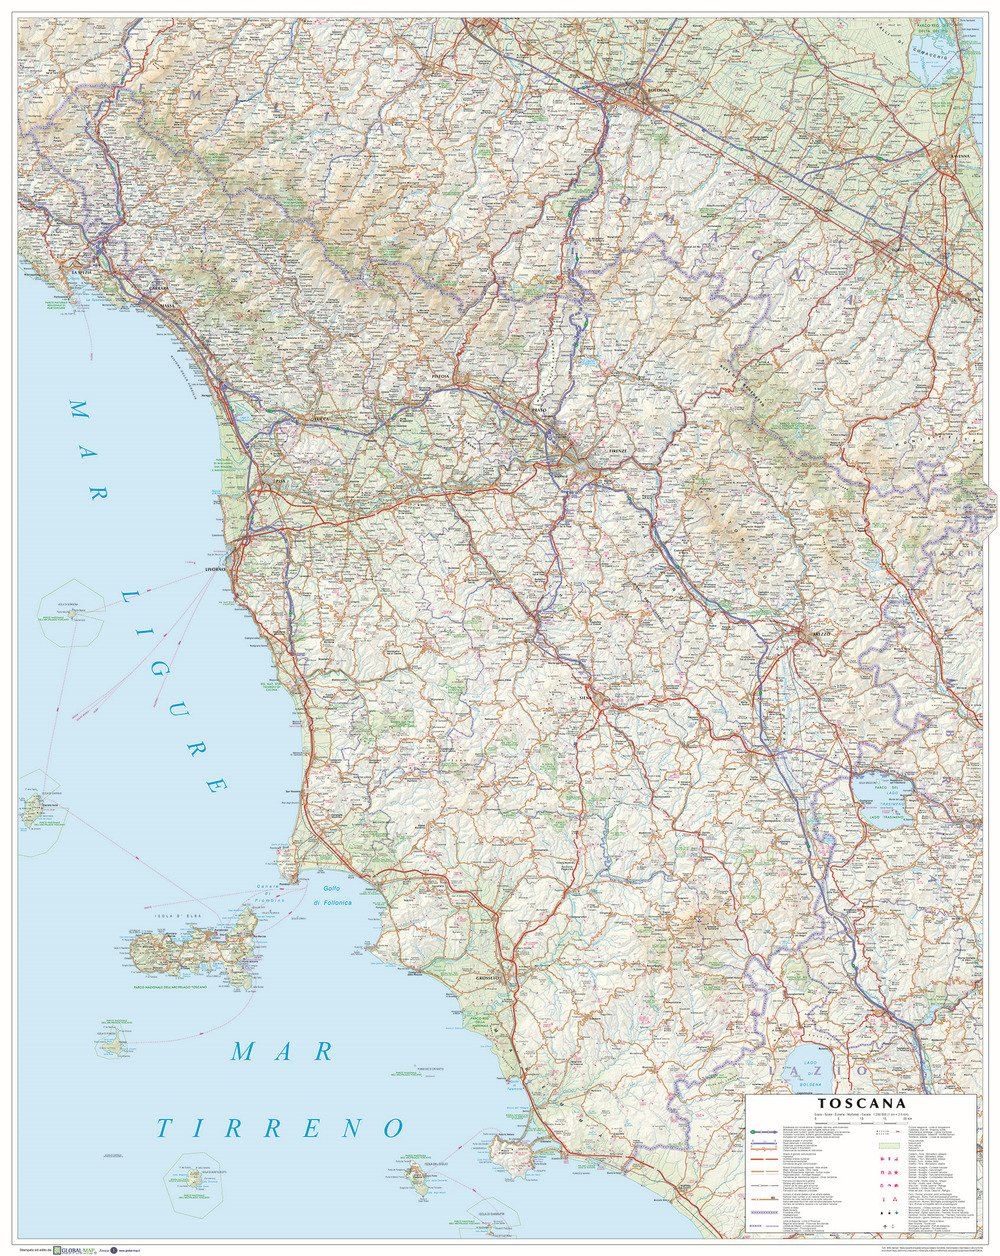 Cartina Toscana Dettagliata Da Stampare.Amazon It Toscana Carta Stradale Della Regione 1 250 000 Carta Murale Plastificata Stesa Cm 86x108 Libri